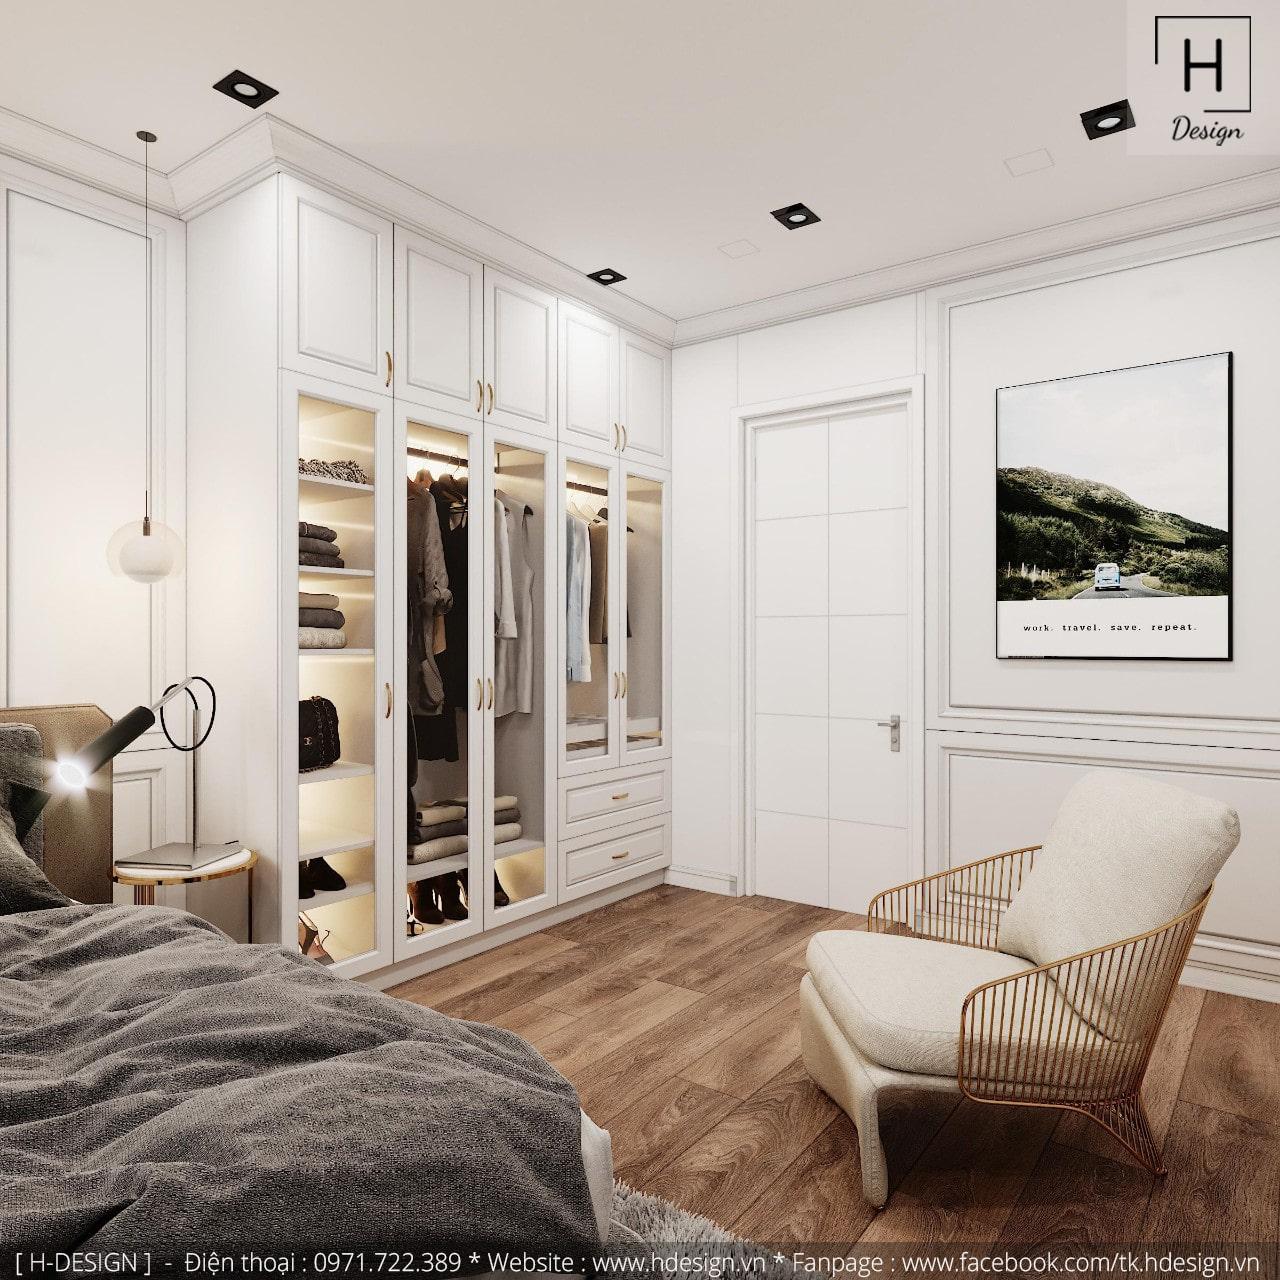 Thiết kế thi công nội thất đẹp cho căn hộ chung cư 86m2 -07